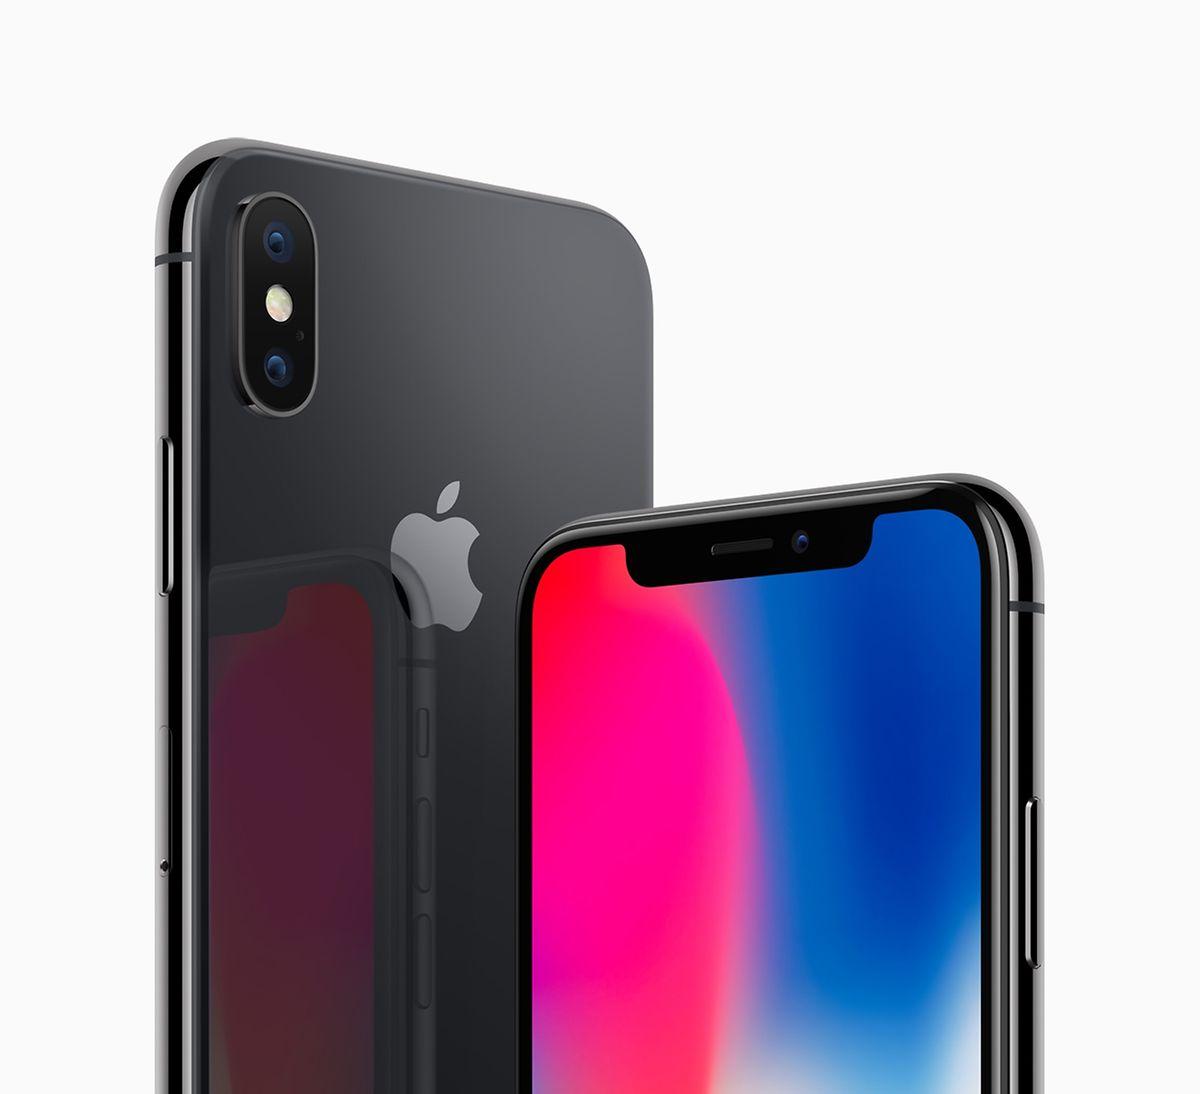 Os novos modelos iPhone serão um 'update' do X, lançado em setembro de 2017.